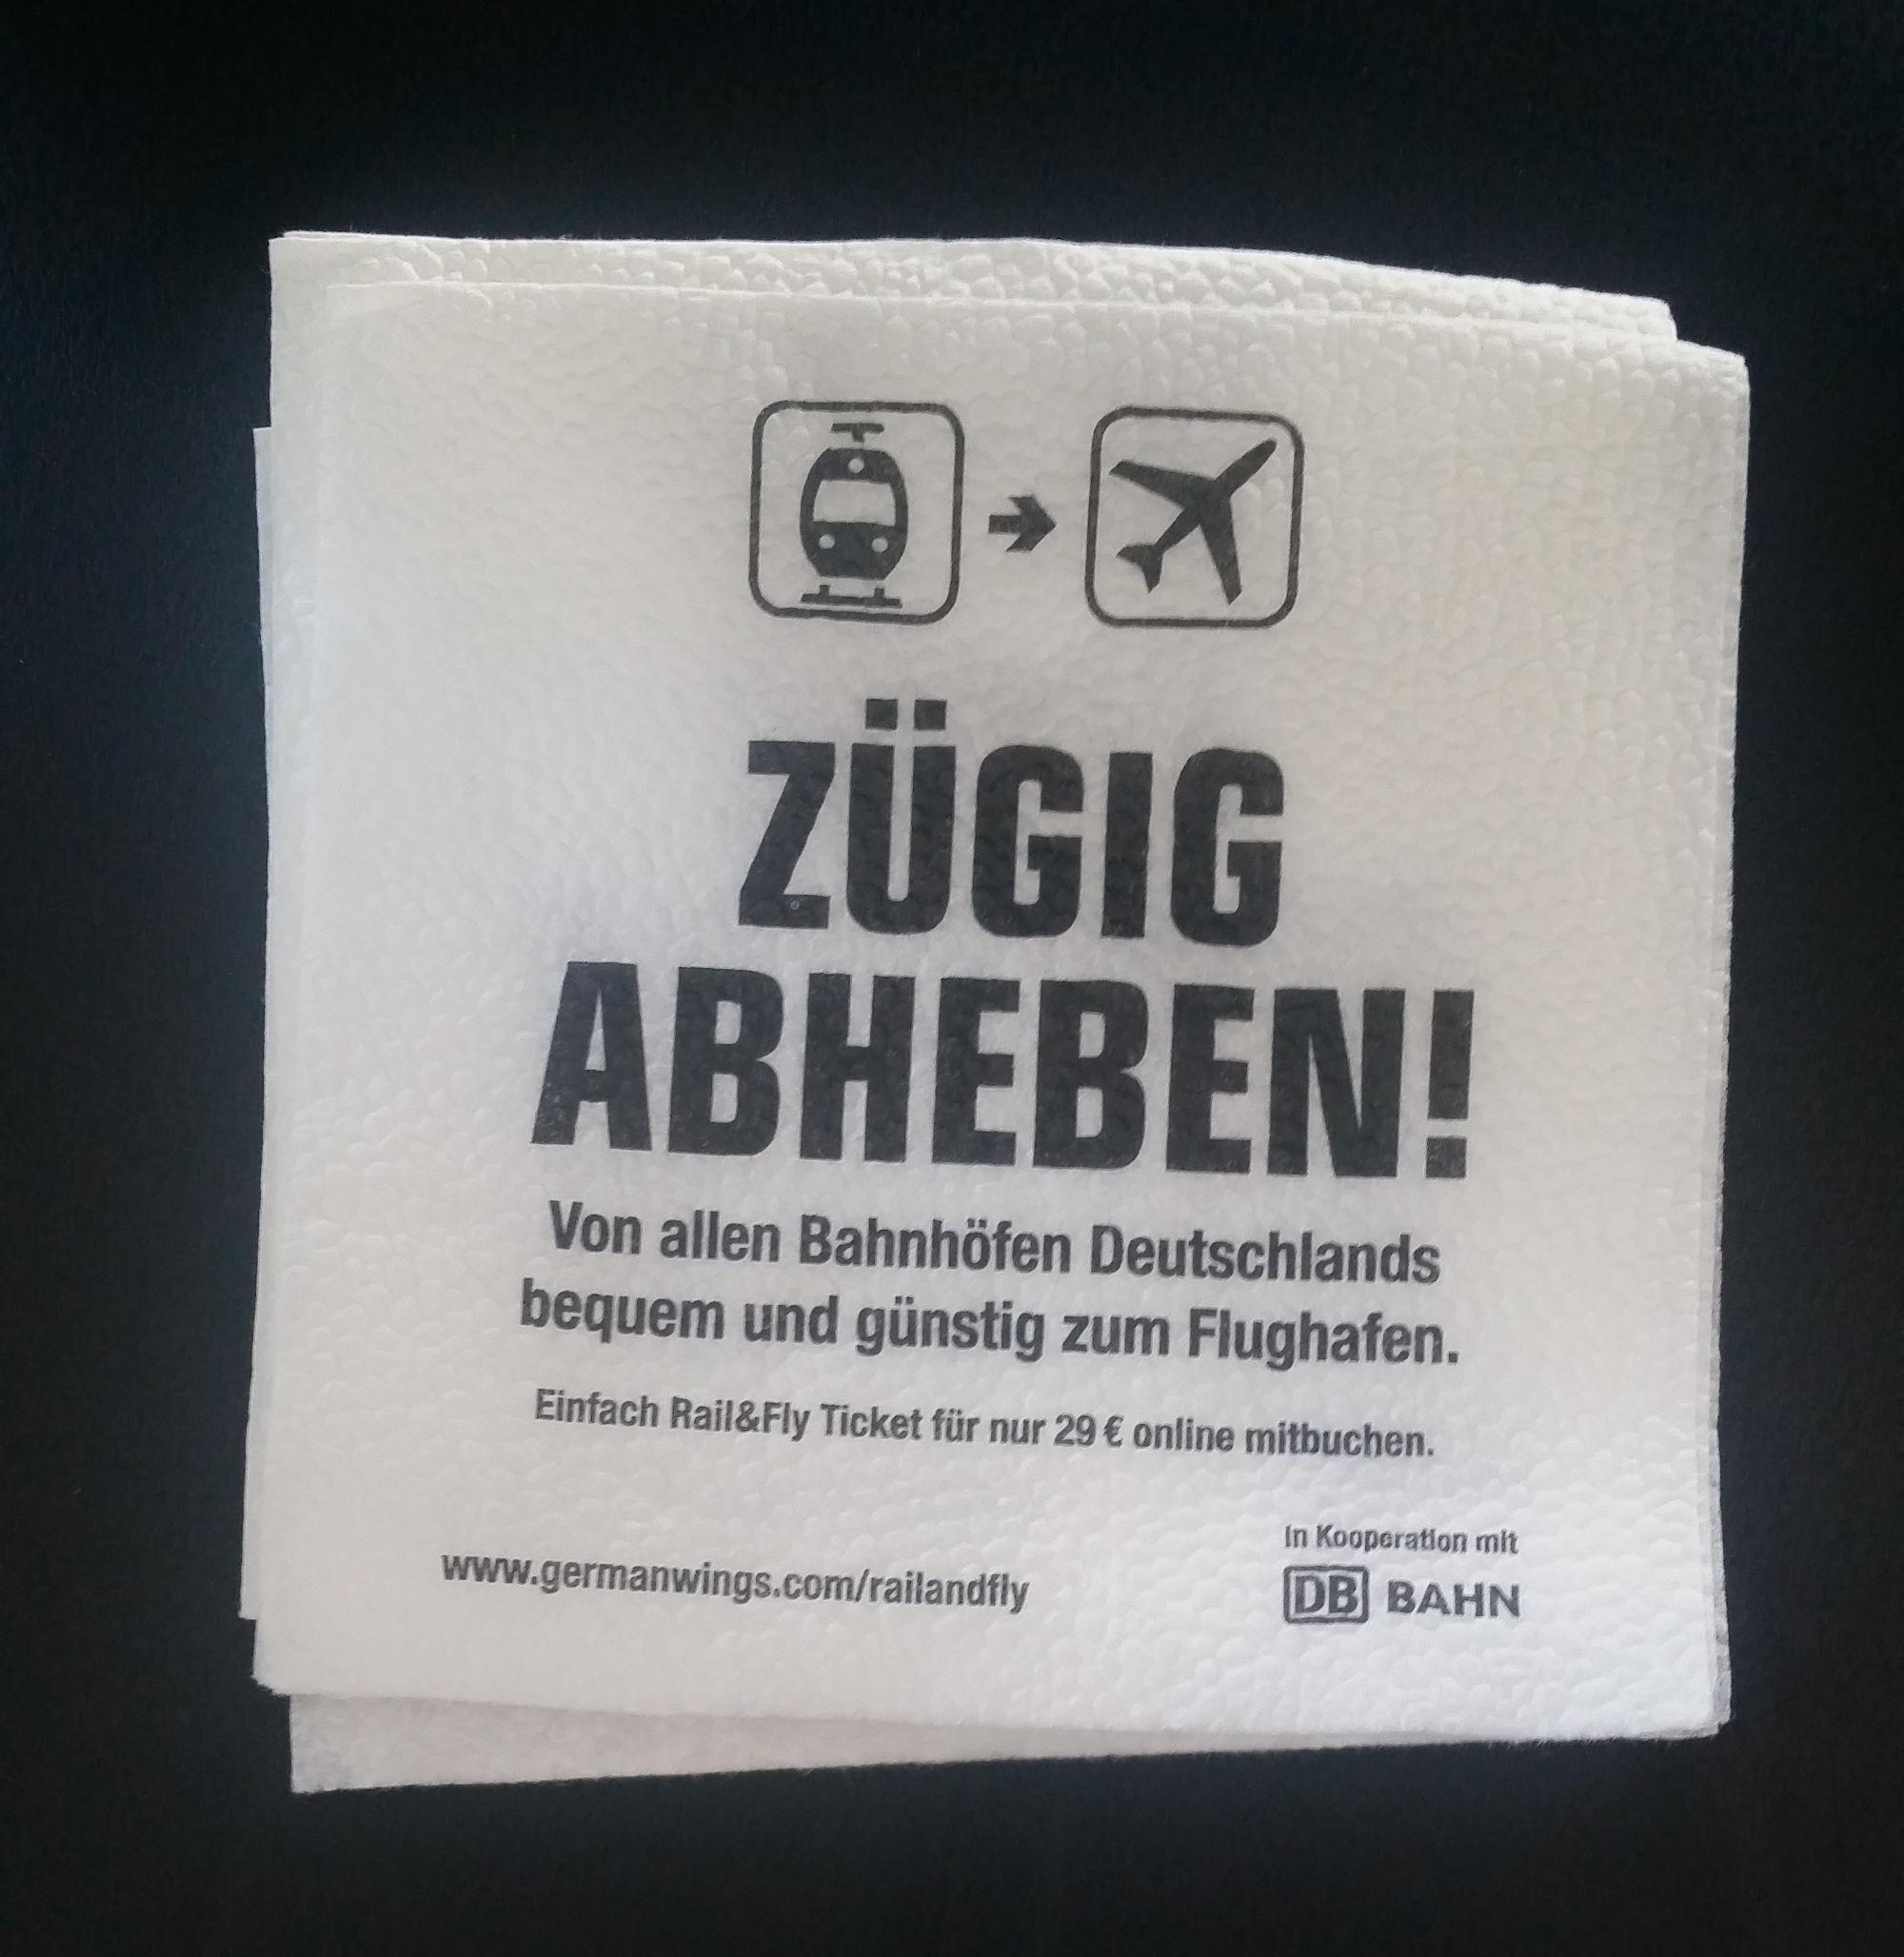 bedruckte Servietten-Werbung im Flugzeug